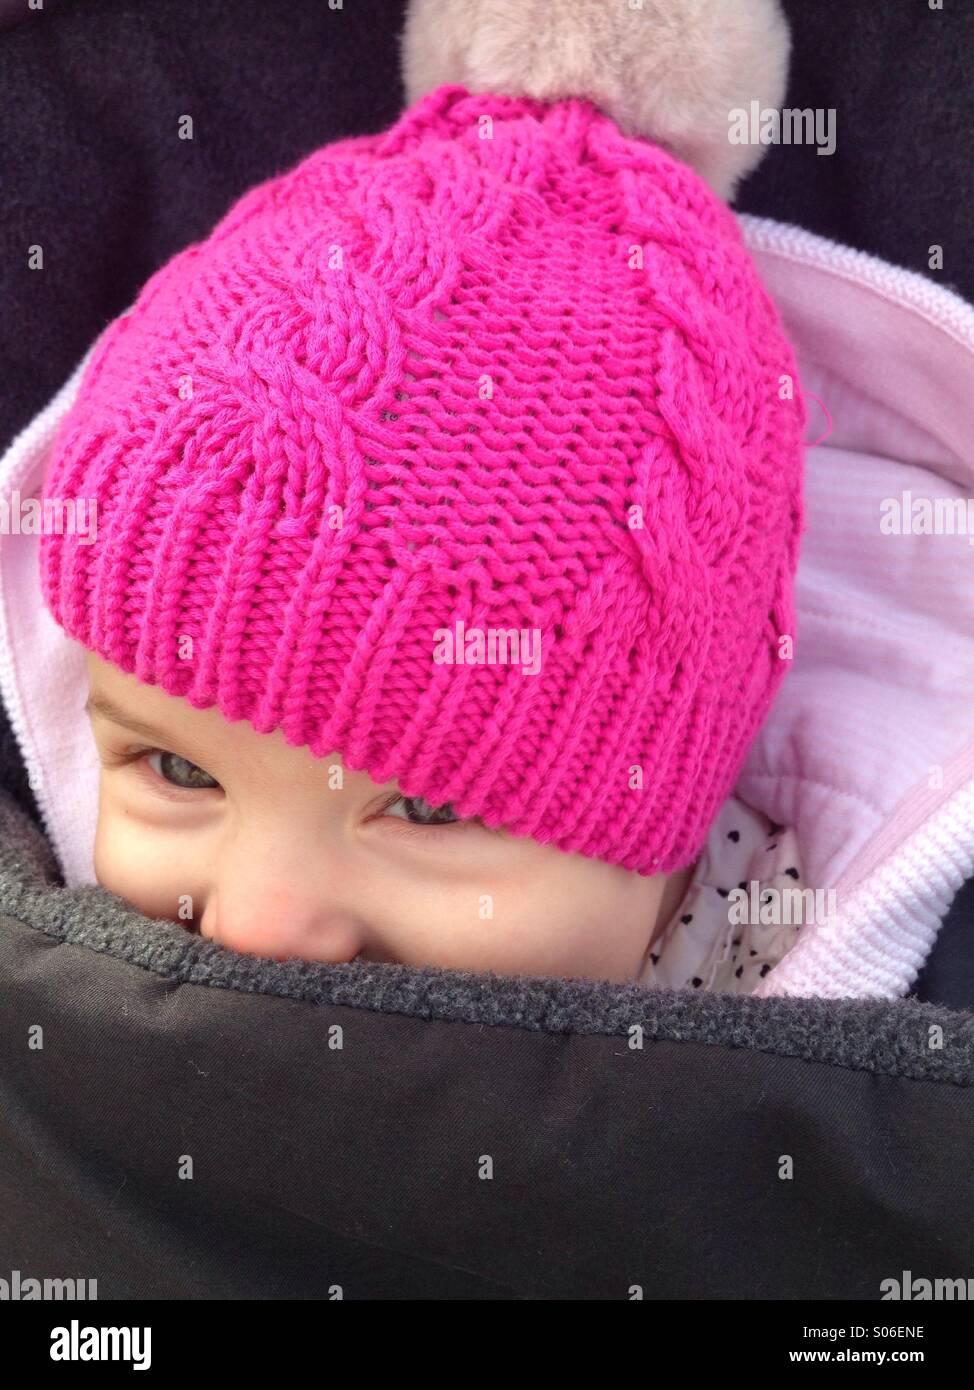 Happy baby in pram - Stock Image